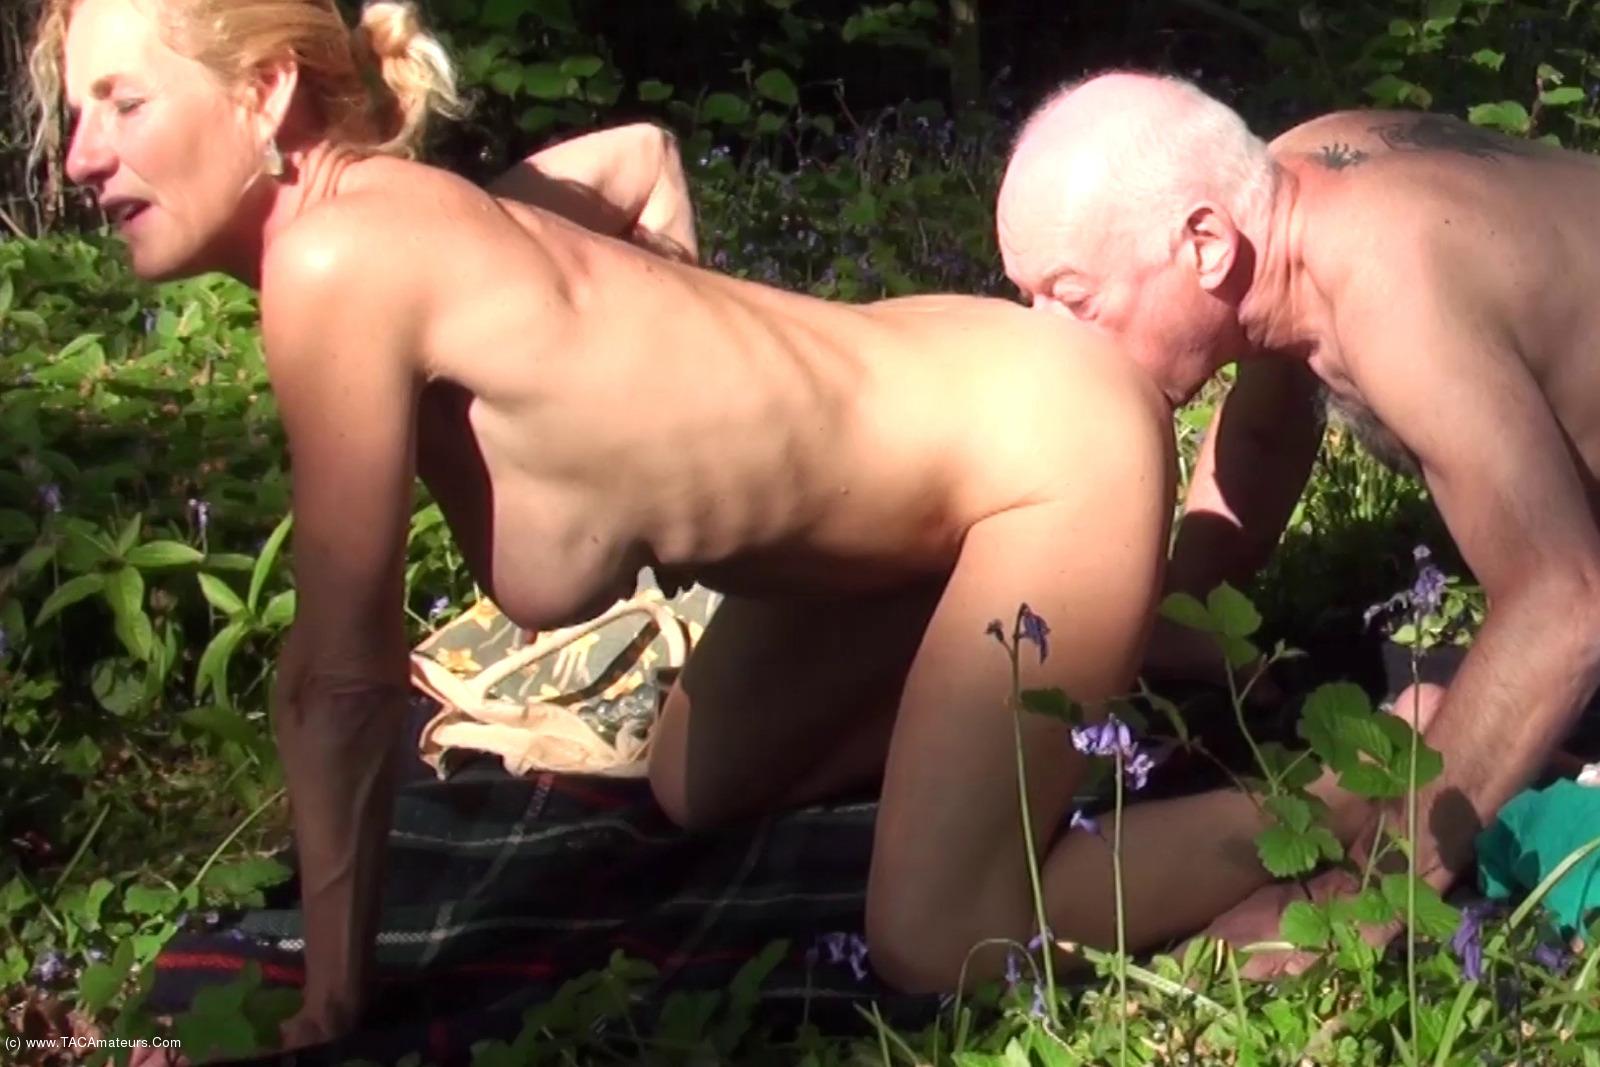 DirtyDoctor - The Watcher In The Woods Pt4 scene 0